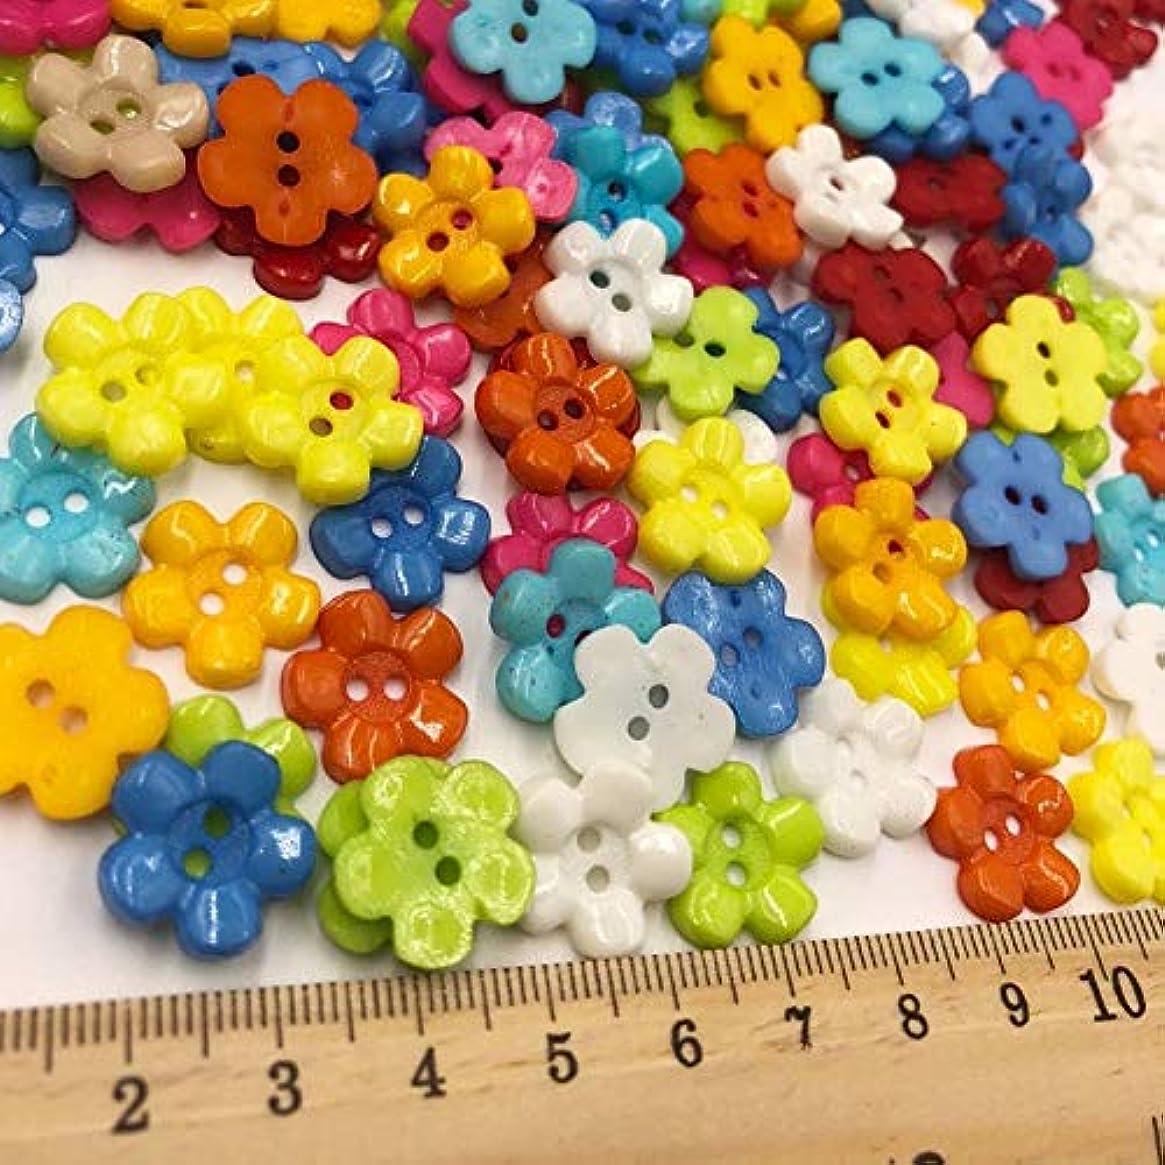 旅行安心させる標準Jicorzo - ミックス新梅14ミリメートルのプラスチックボタン/裁縫ロット[50個] 2holes